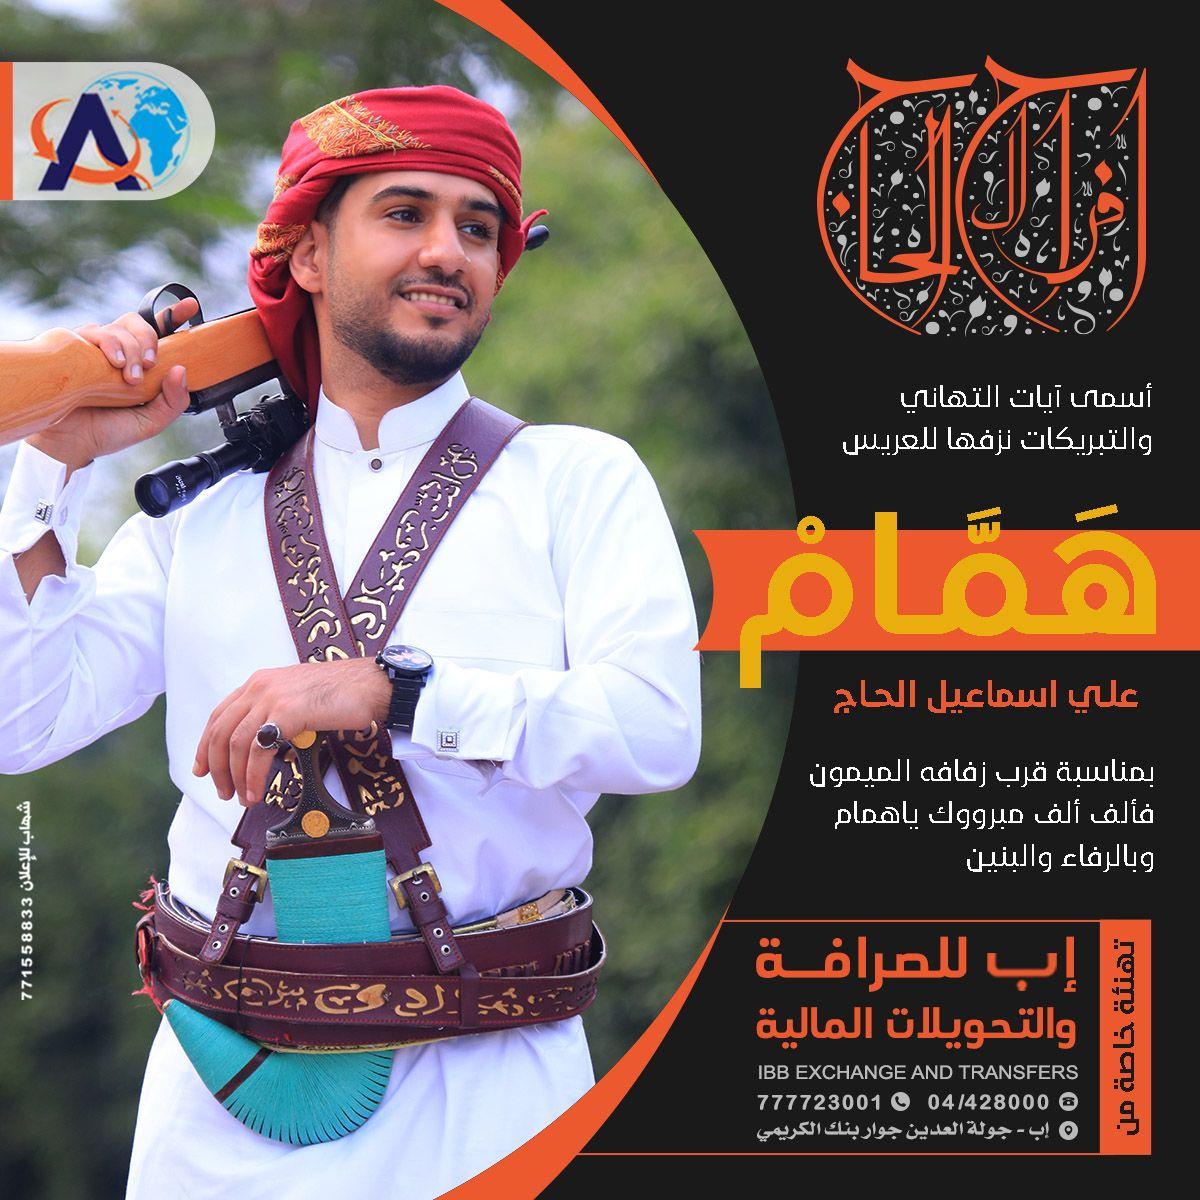 أفراح آل الحاج Graphic Design Advertising Advertising Photography Photoshop